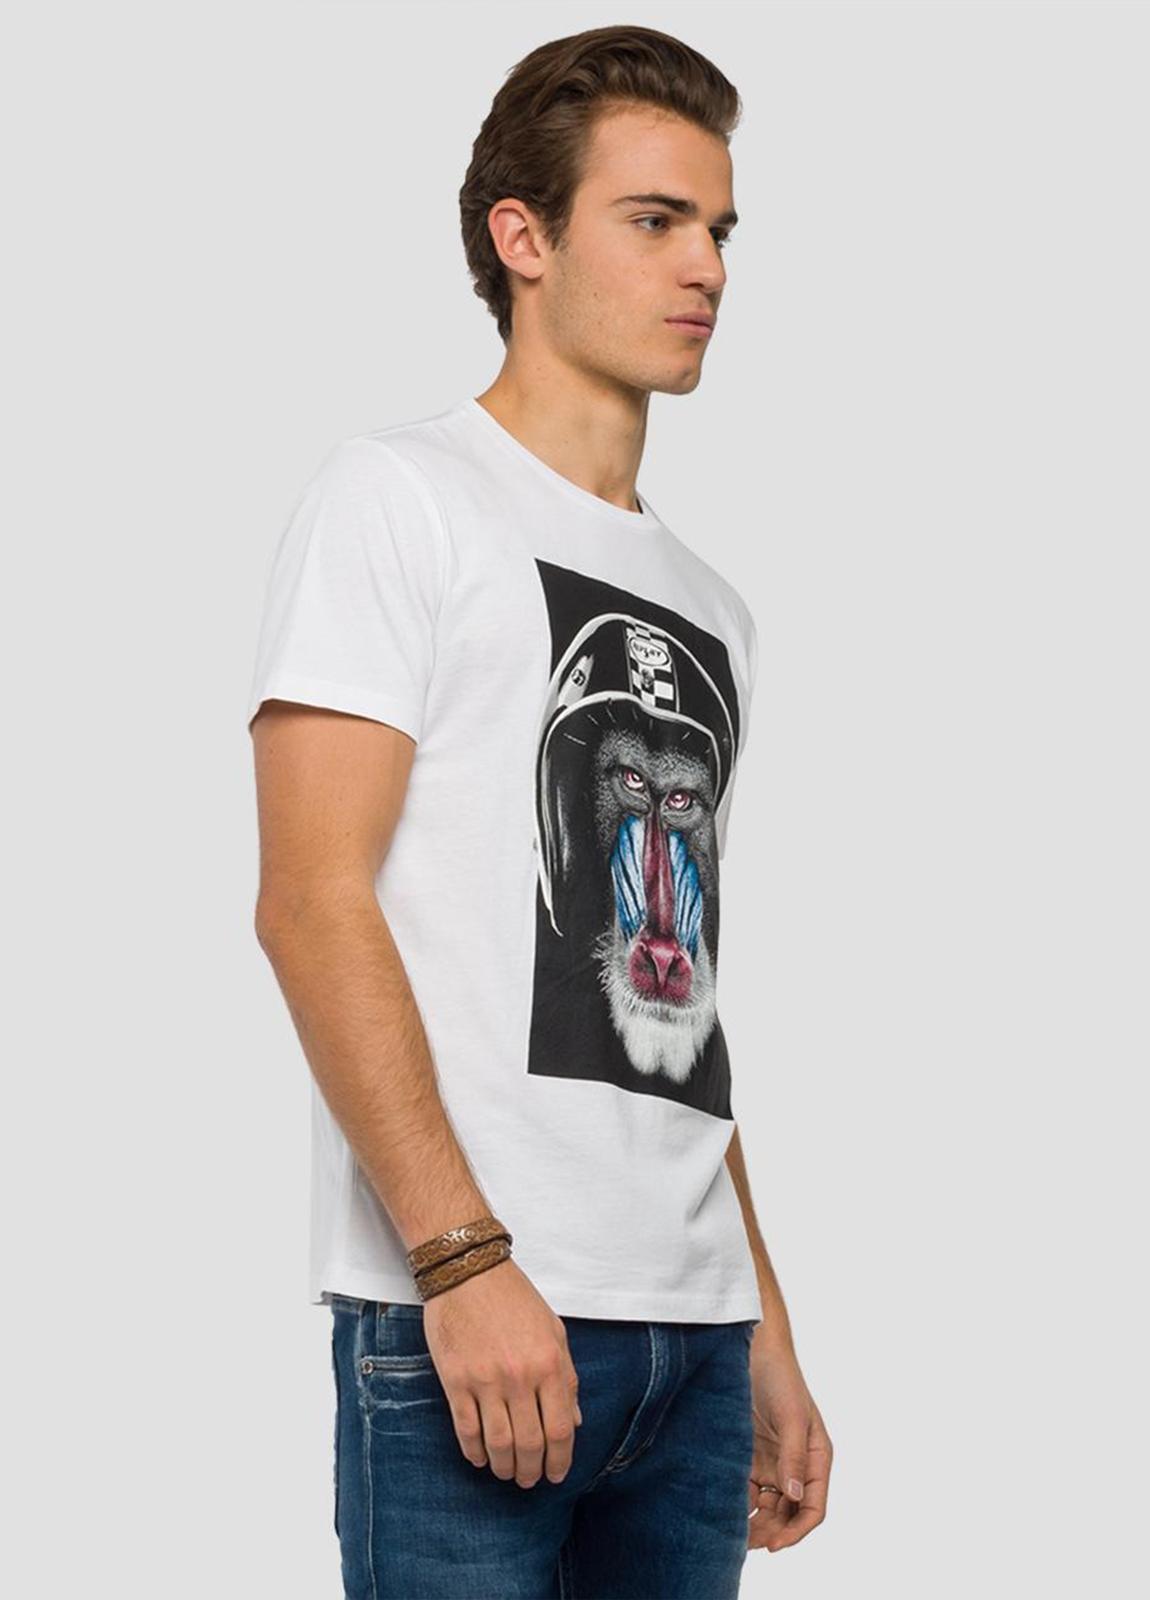 Camiseta manga corta color blanco con estampado de mandril.100% Algodón. - Ítem2